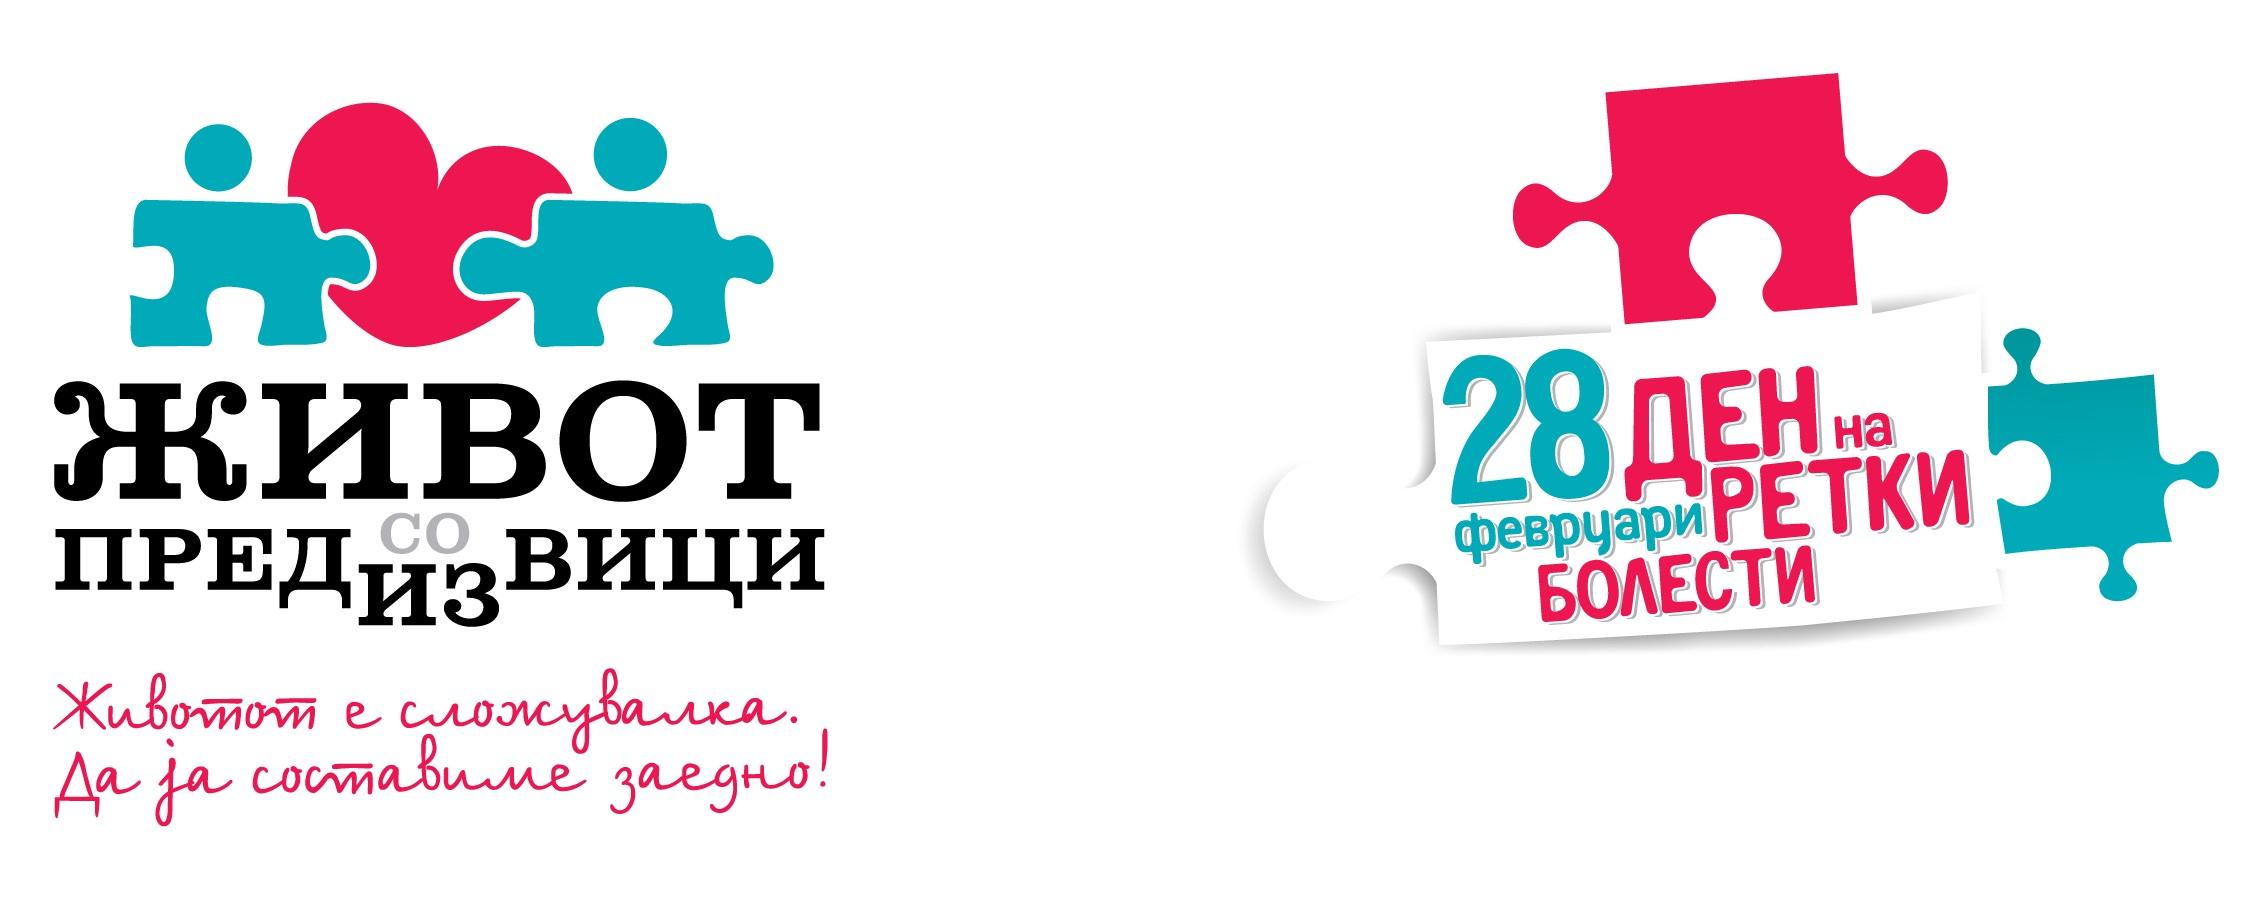 RETKIBOLESTI_logo mak